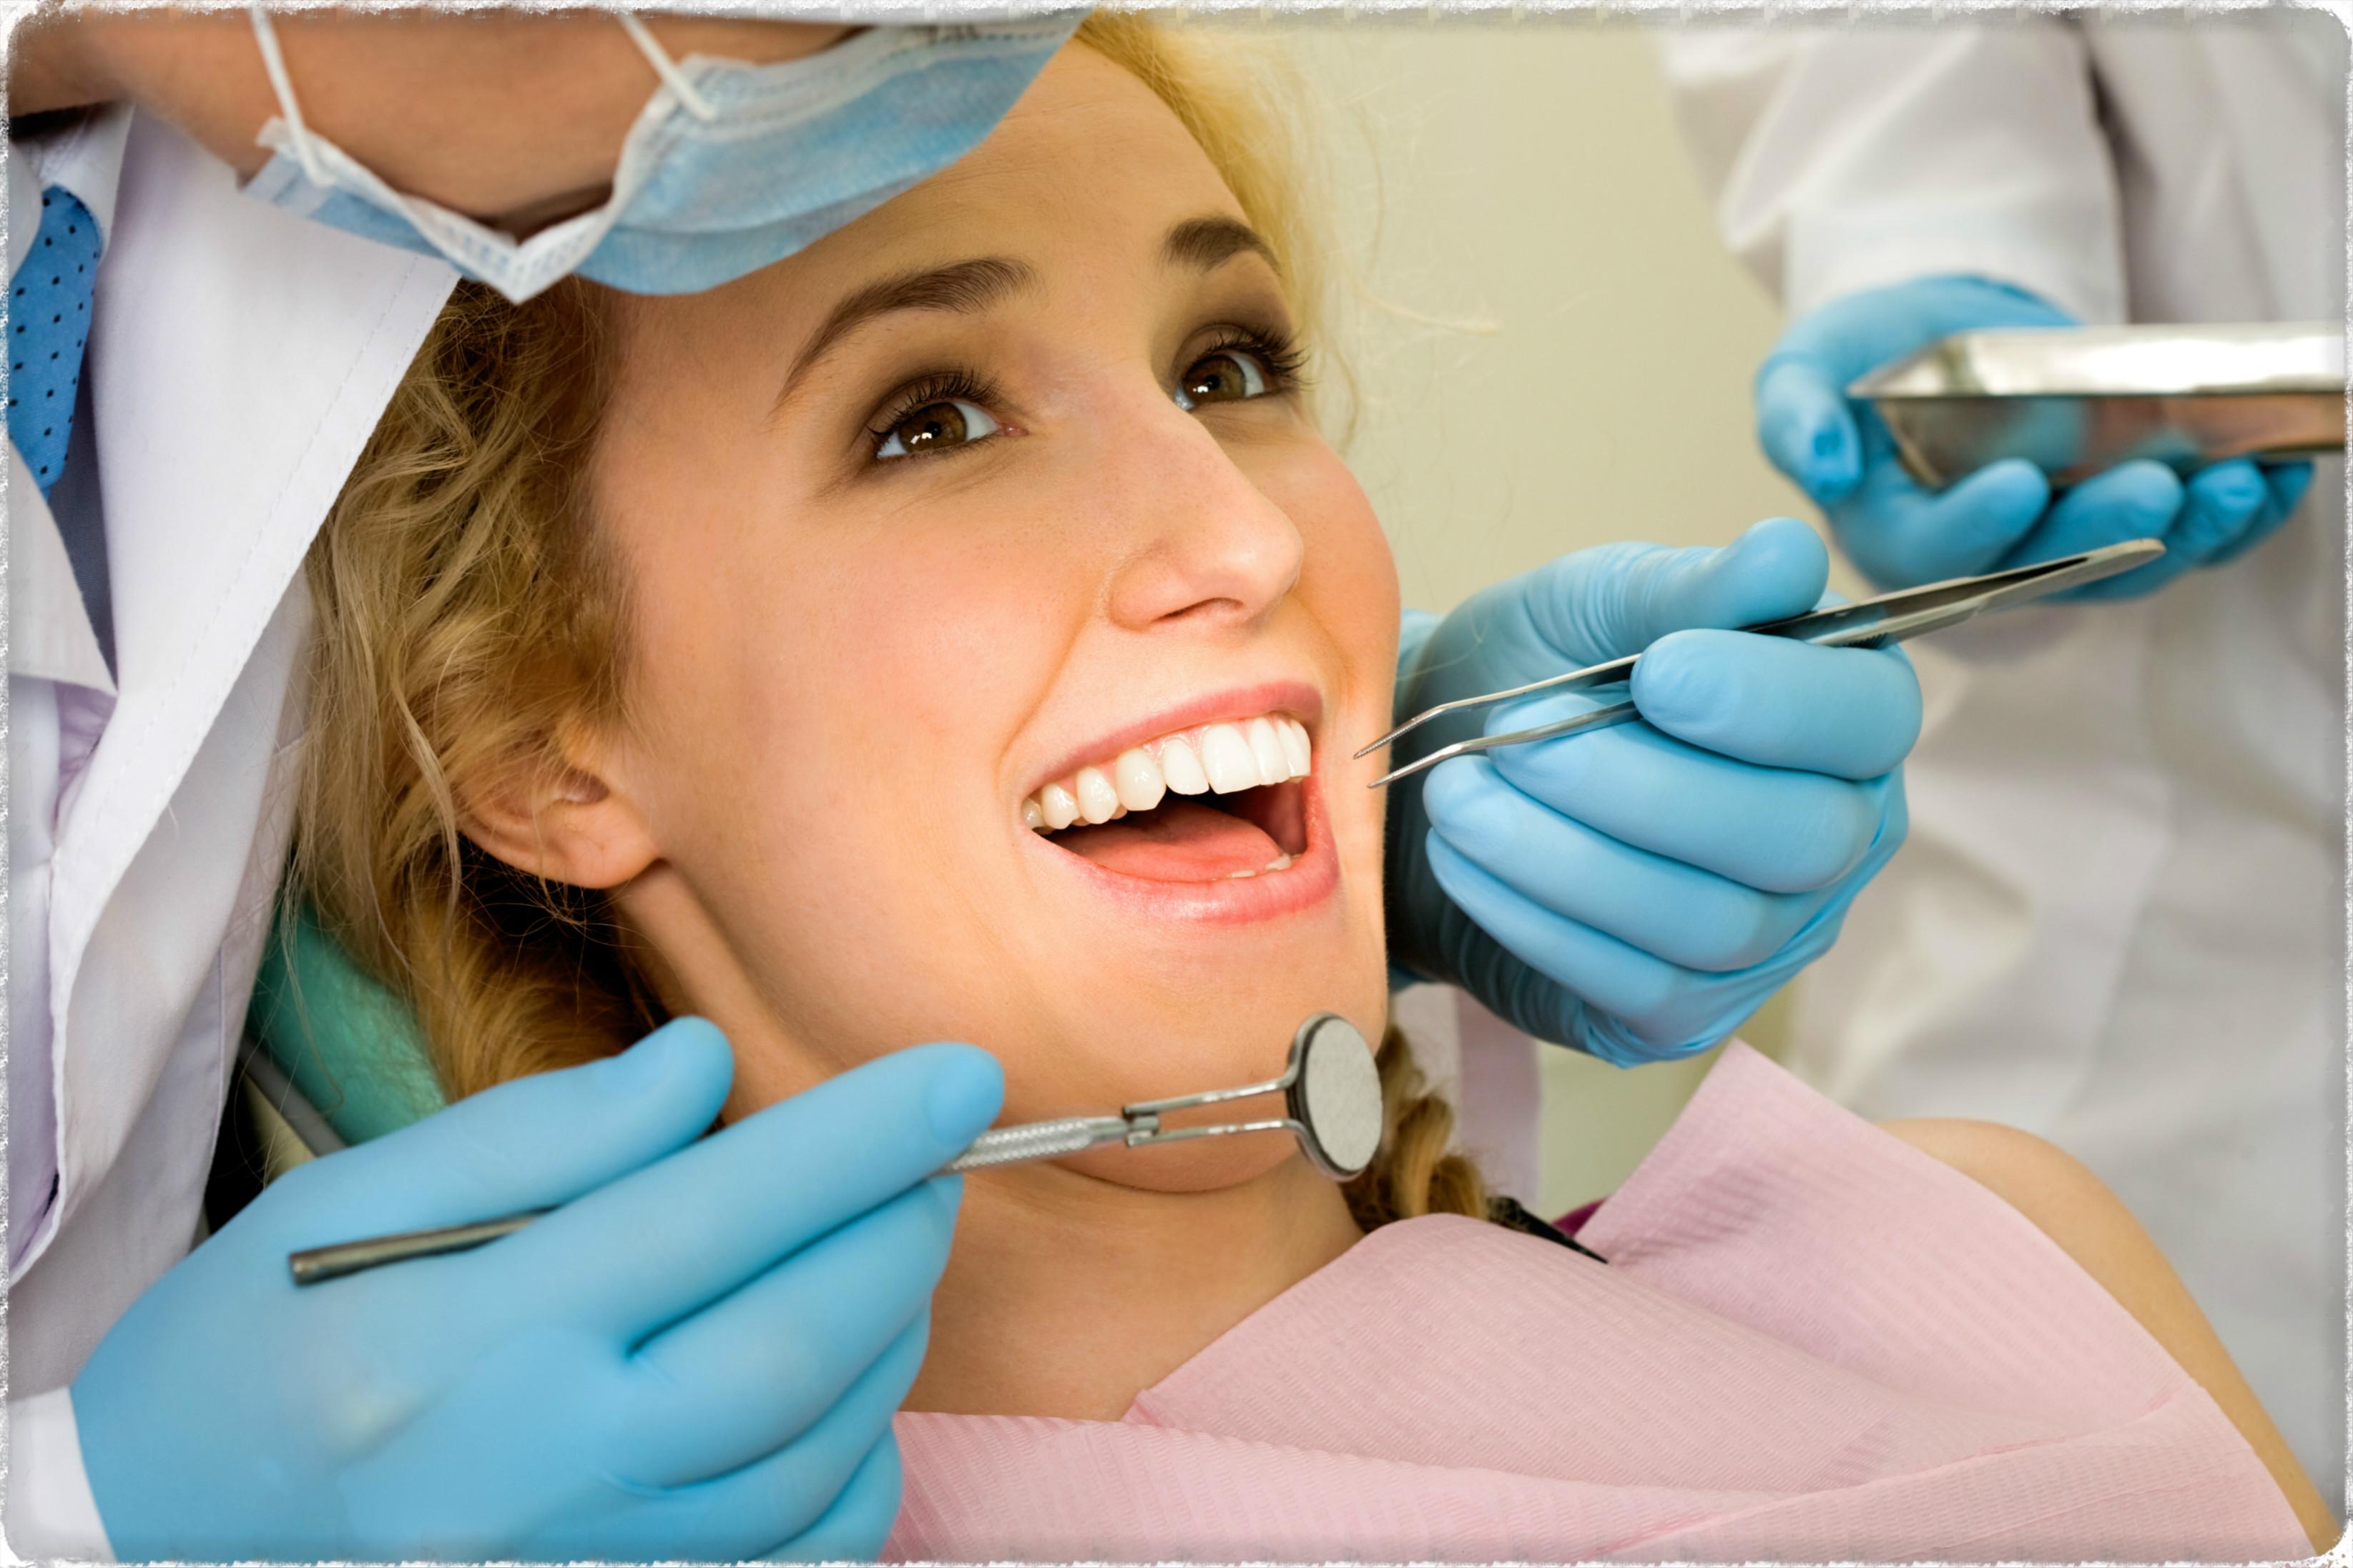 Визит к стоматологу для лечения кариеса